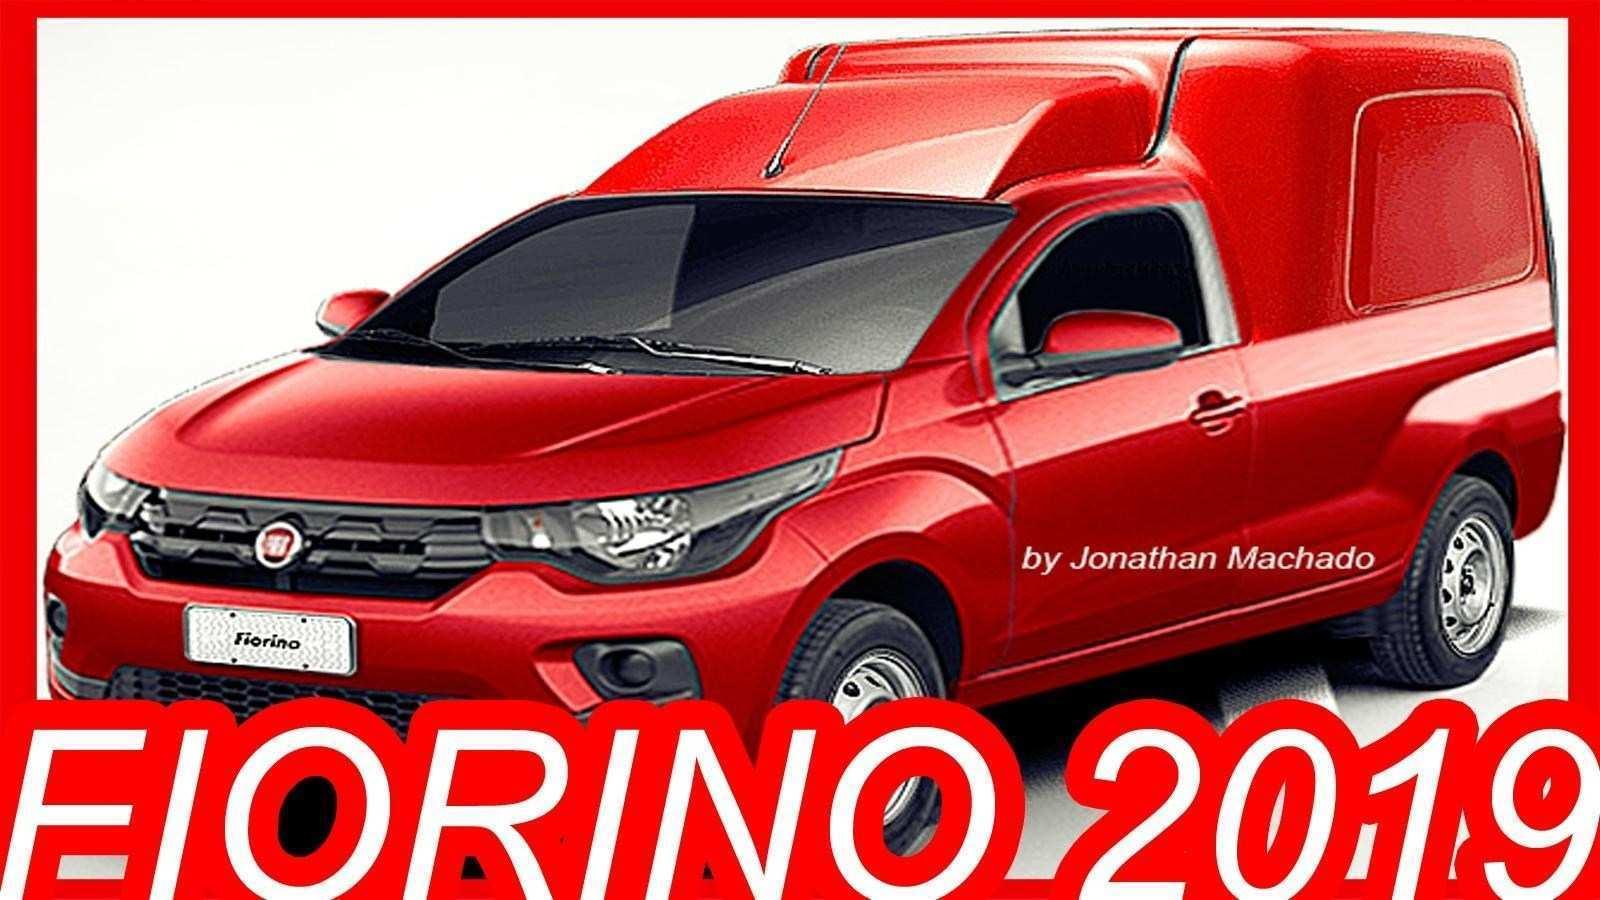 26 All New Fiat Fiorino 2019 Exterior with Fiat Fiorino 2019